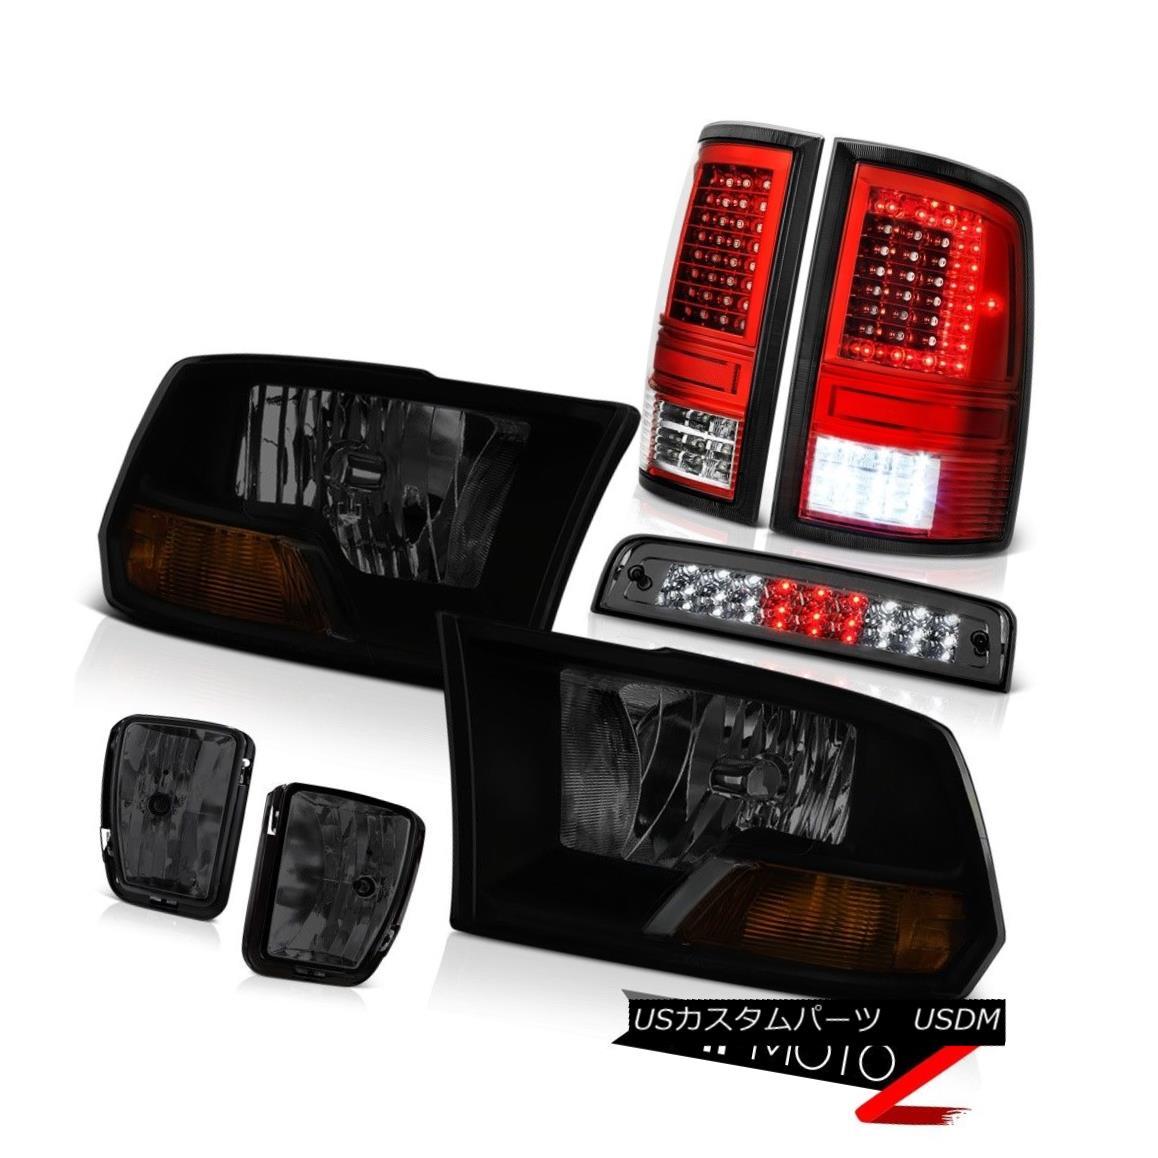 テールライト 13-18 RAM 1500 Tail Lamp Smokey Fog Brake Light Factory Style Head Lamp Assembly 13-18 RAM 1500テールランプスモーキーフォグブレーキライト工場風ヘッドランプアセンブリ